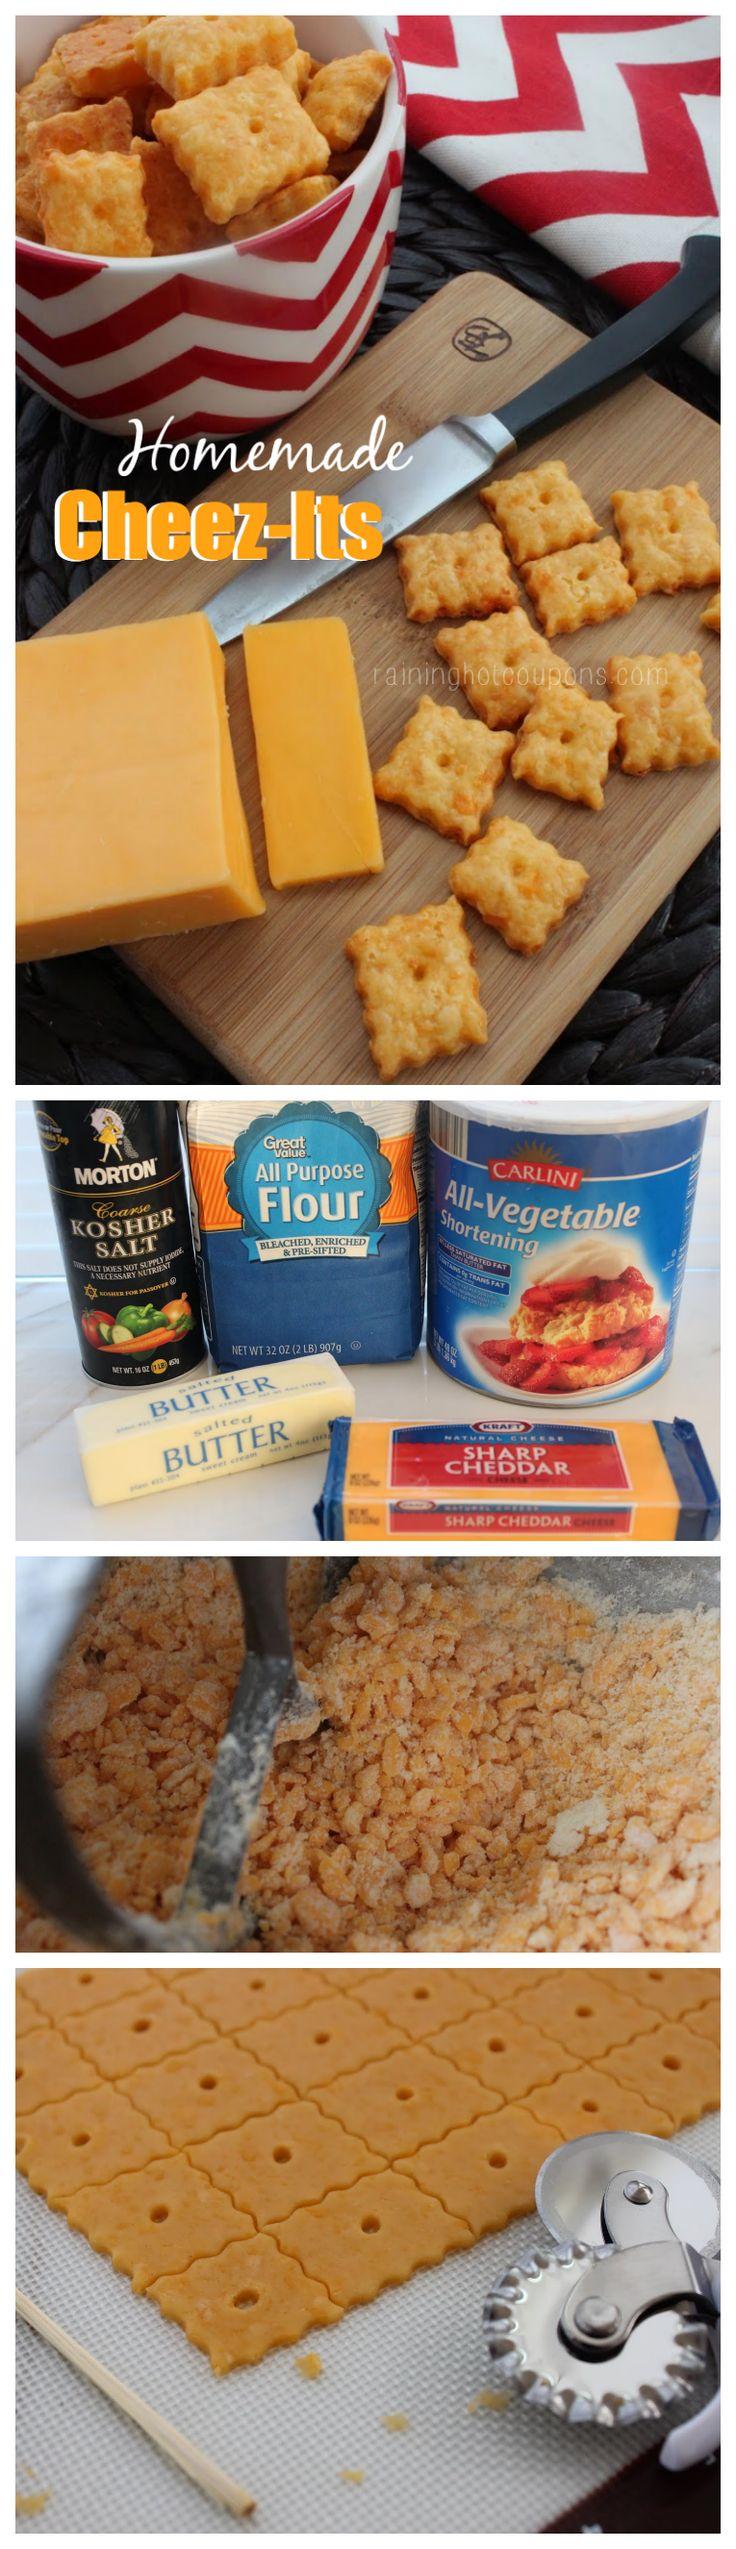 Homemade CheezIts  Recipe  Starters  Homemade cheez